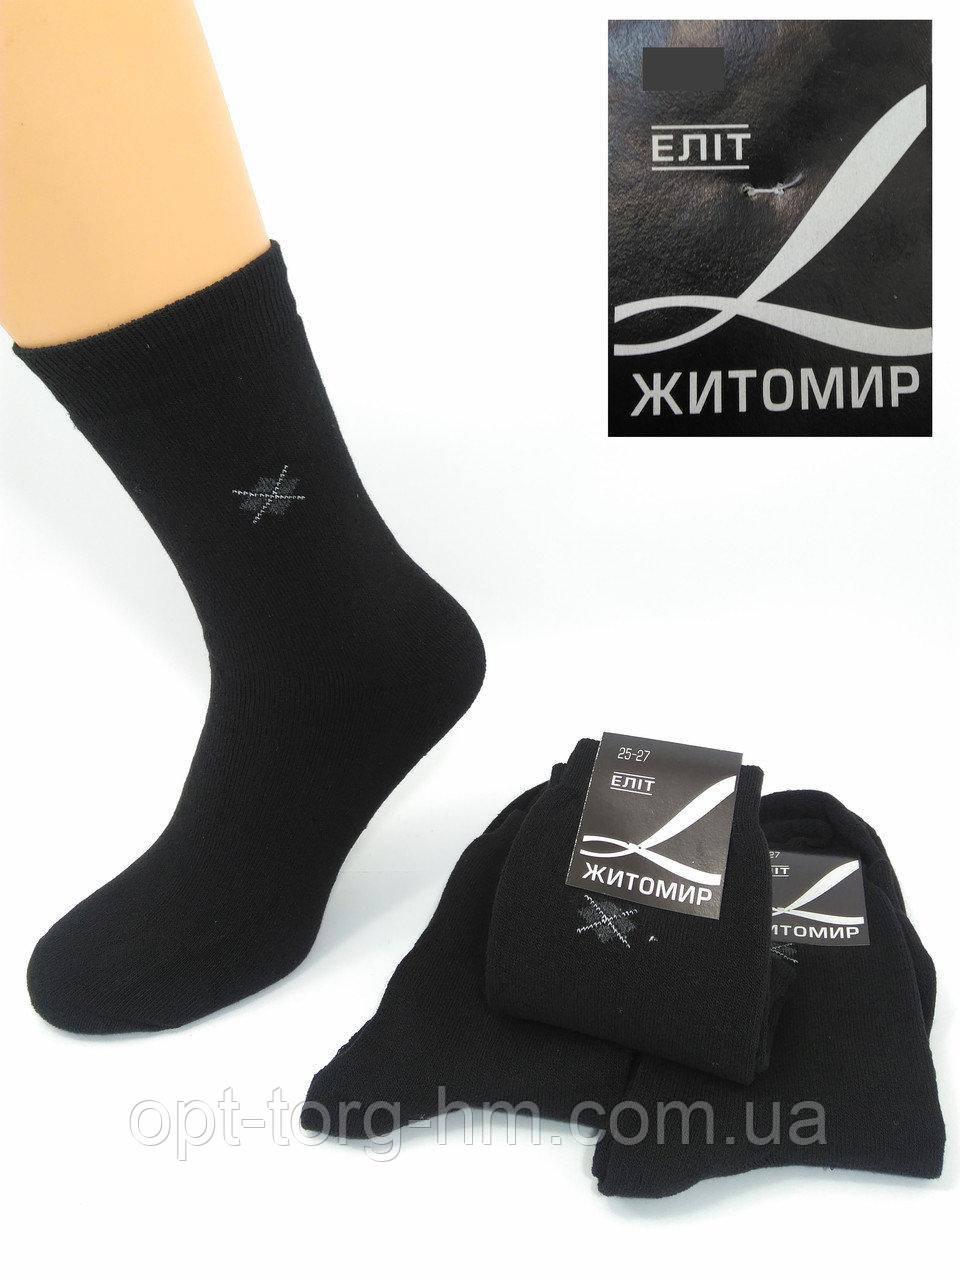 Махровые Мужские черные носки 25-27 (39-42 обувь)